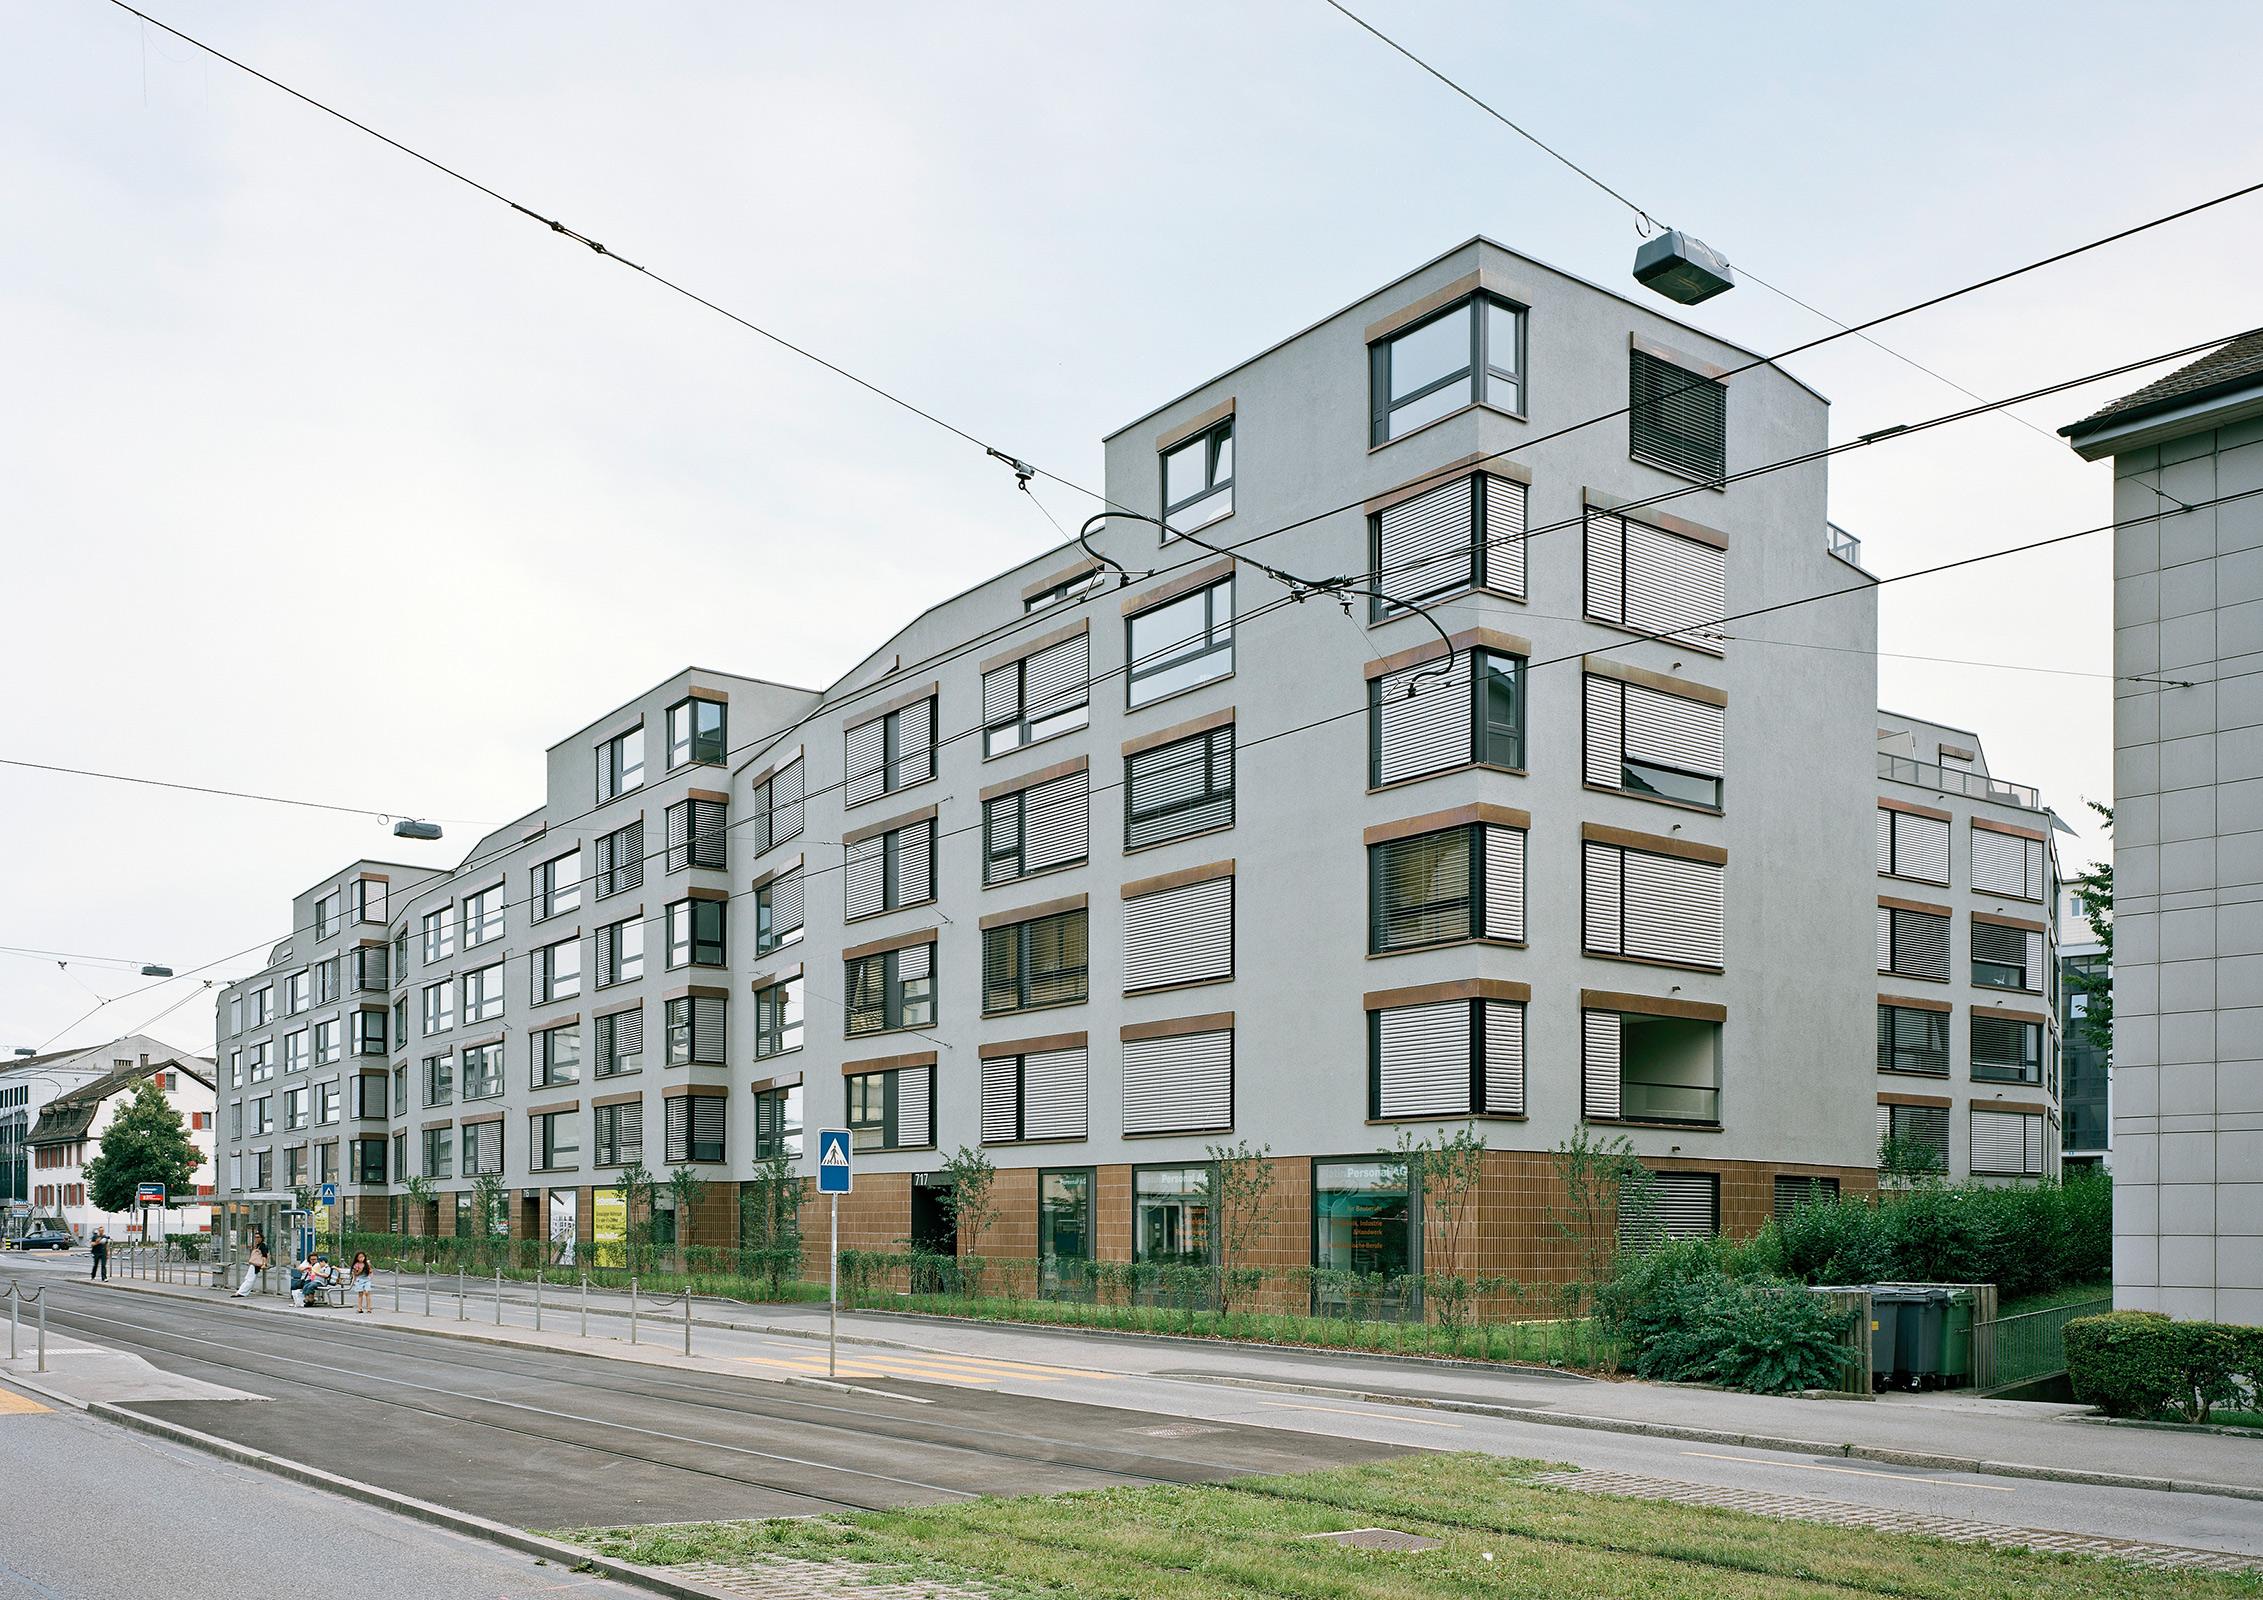 098Wohnsiedlung Badener 707